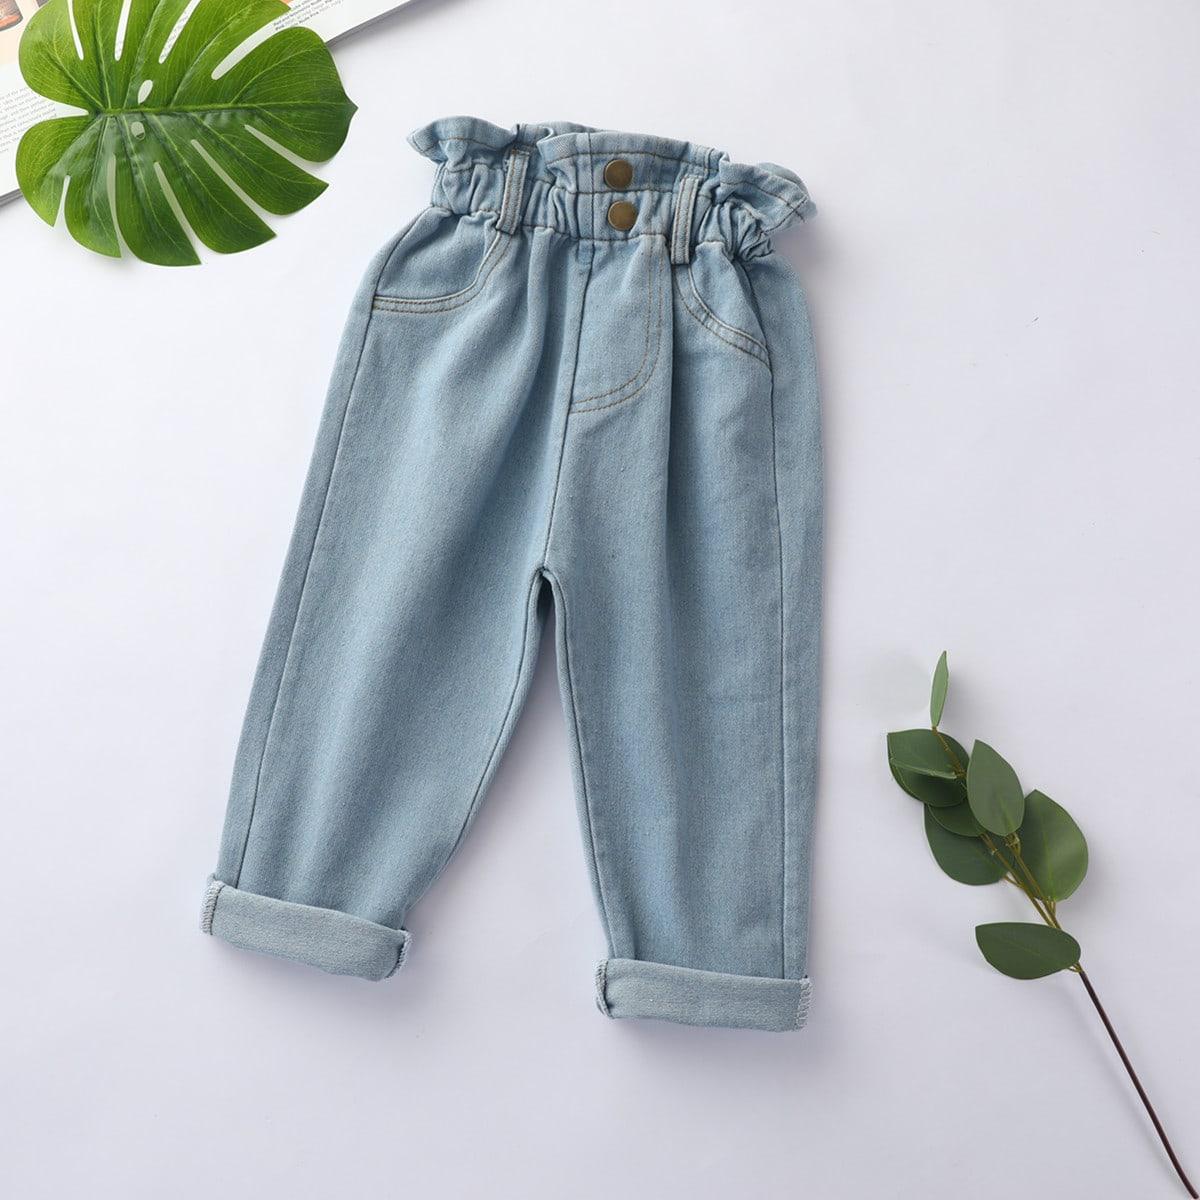 Прямые джинсы с присборенной талией для девочек от SHEIN